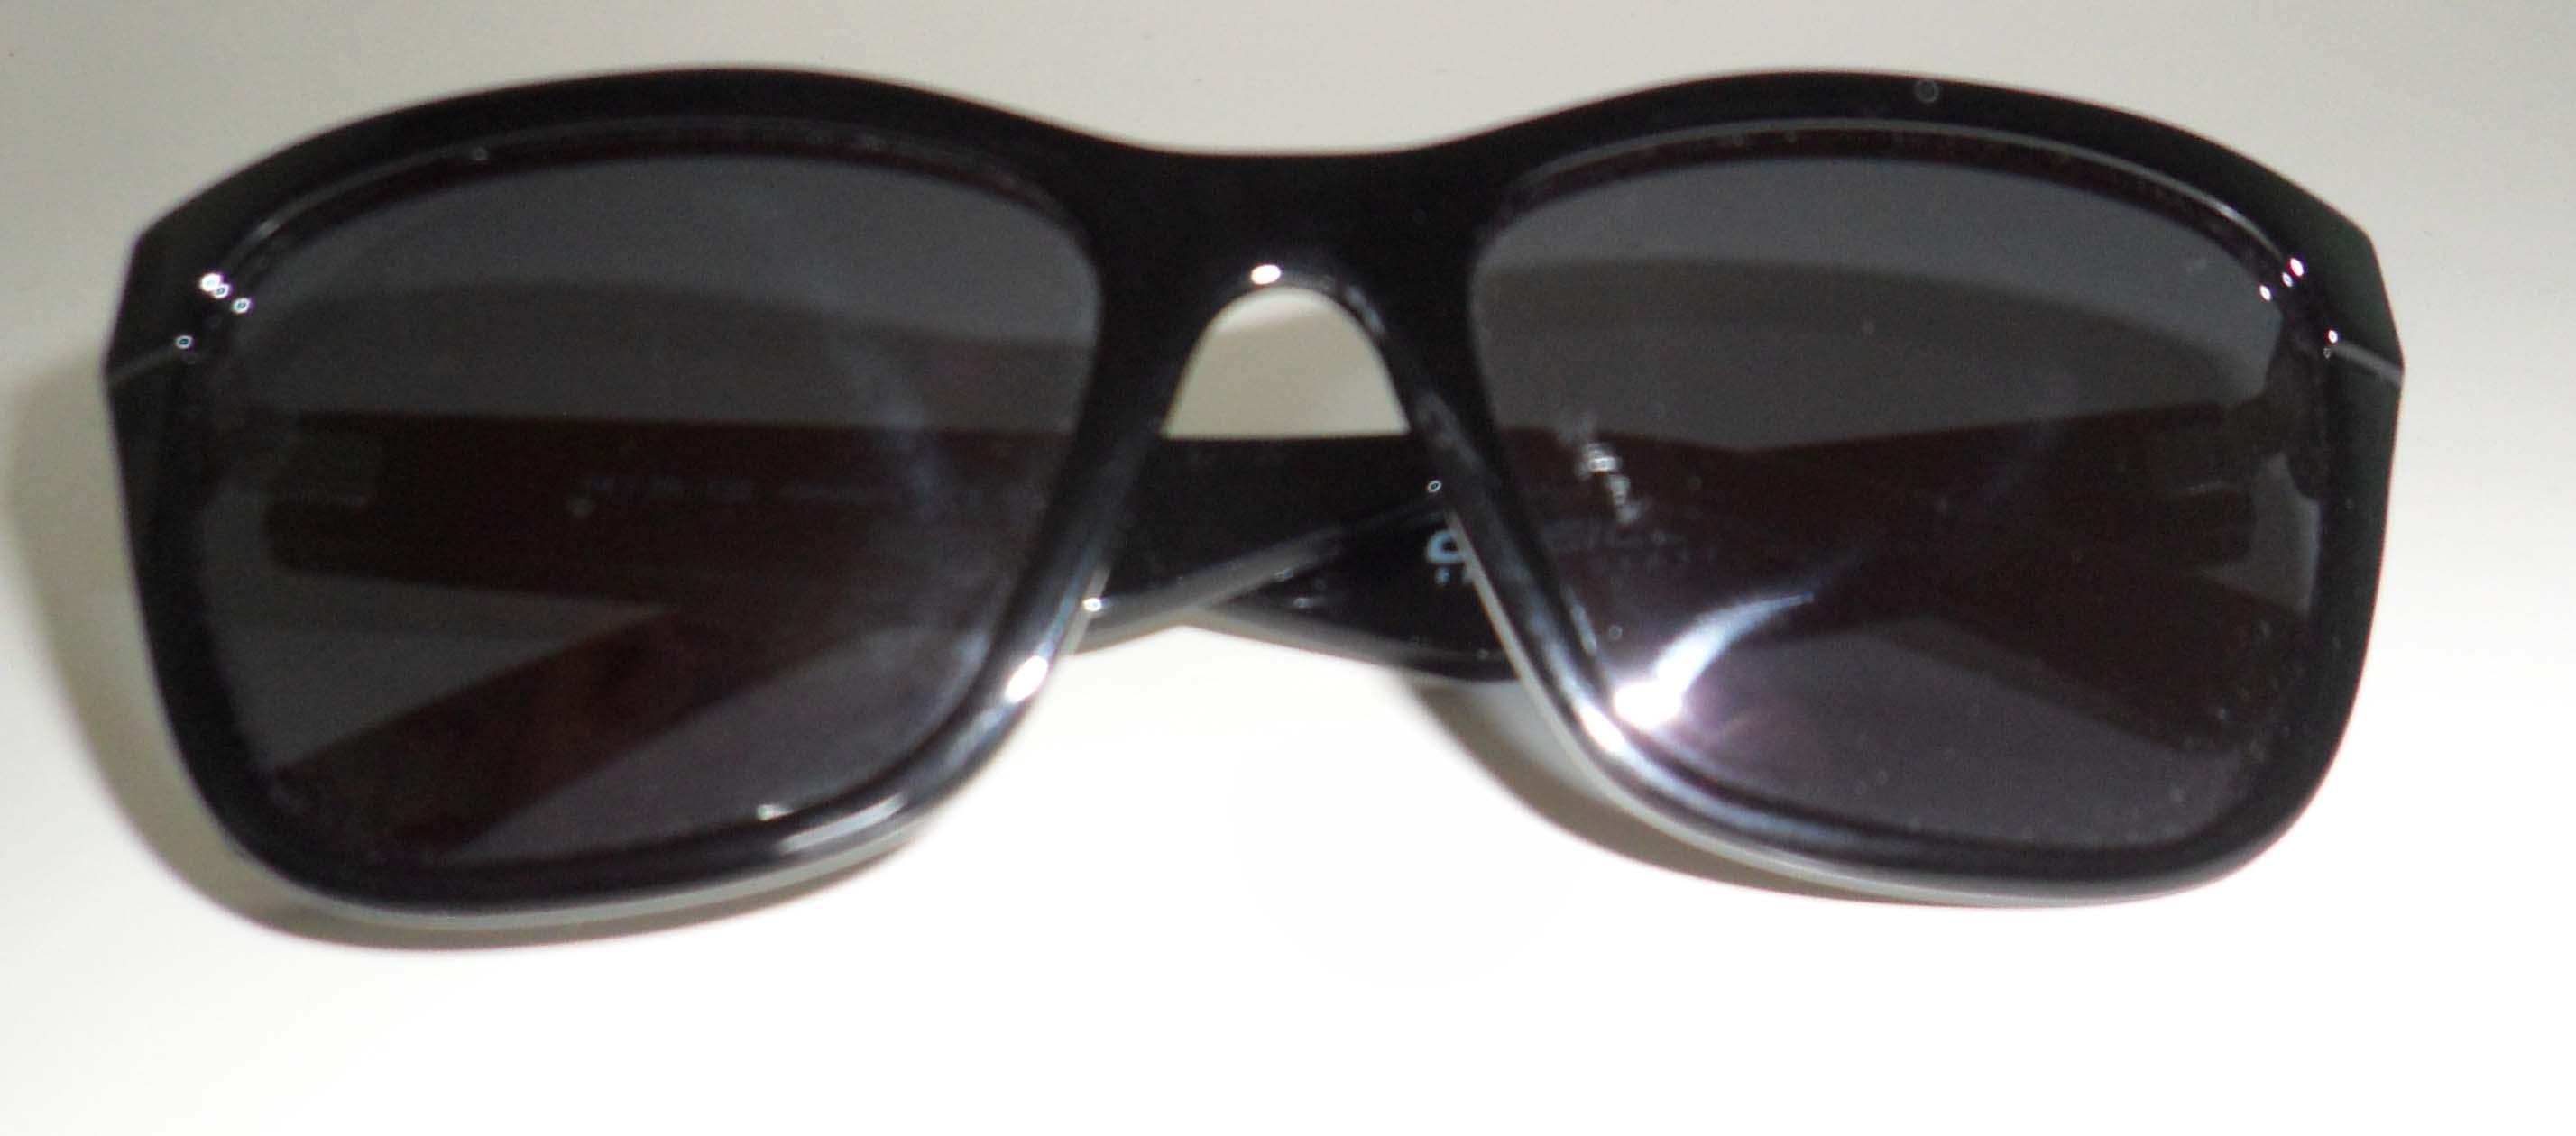 Good Morning Sunshine (lunettes de soleil Ray-Ban) - Dans Mon Sac ... 1d5f61982f5d